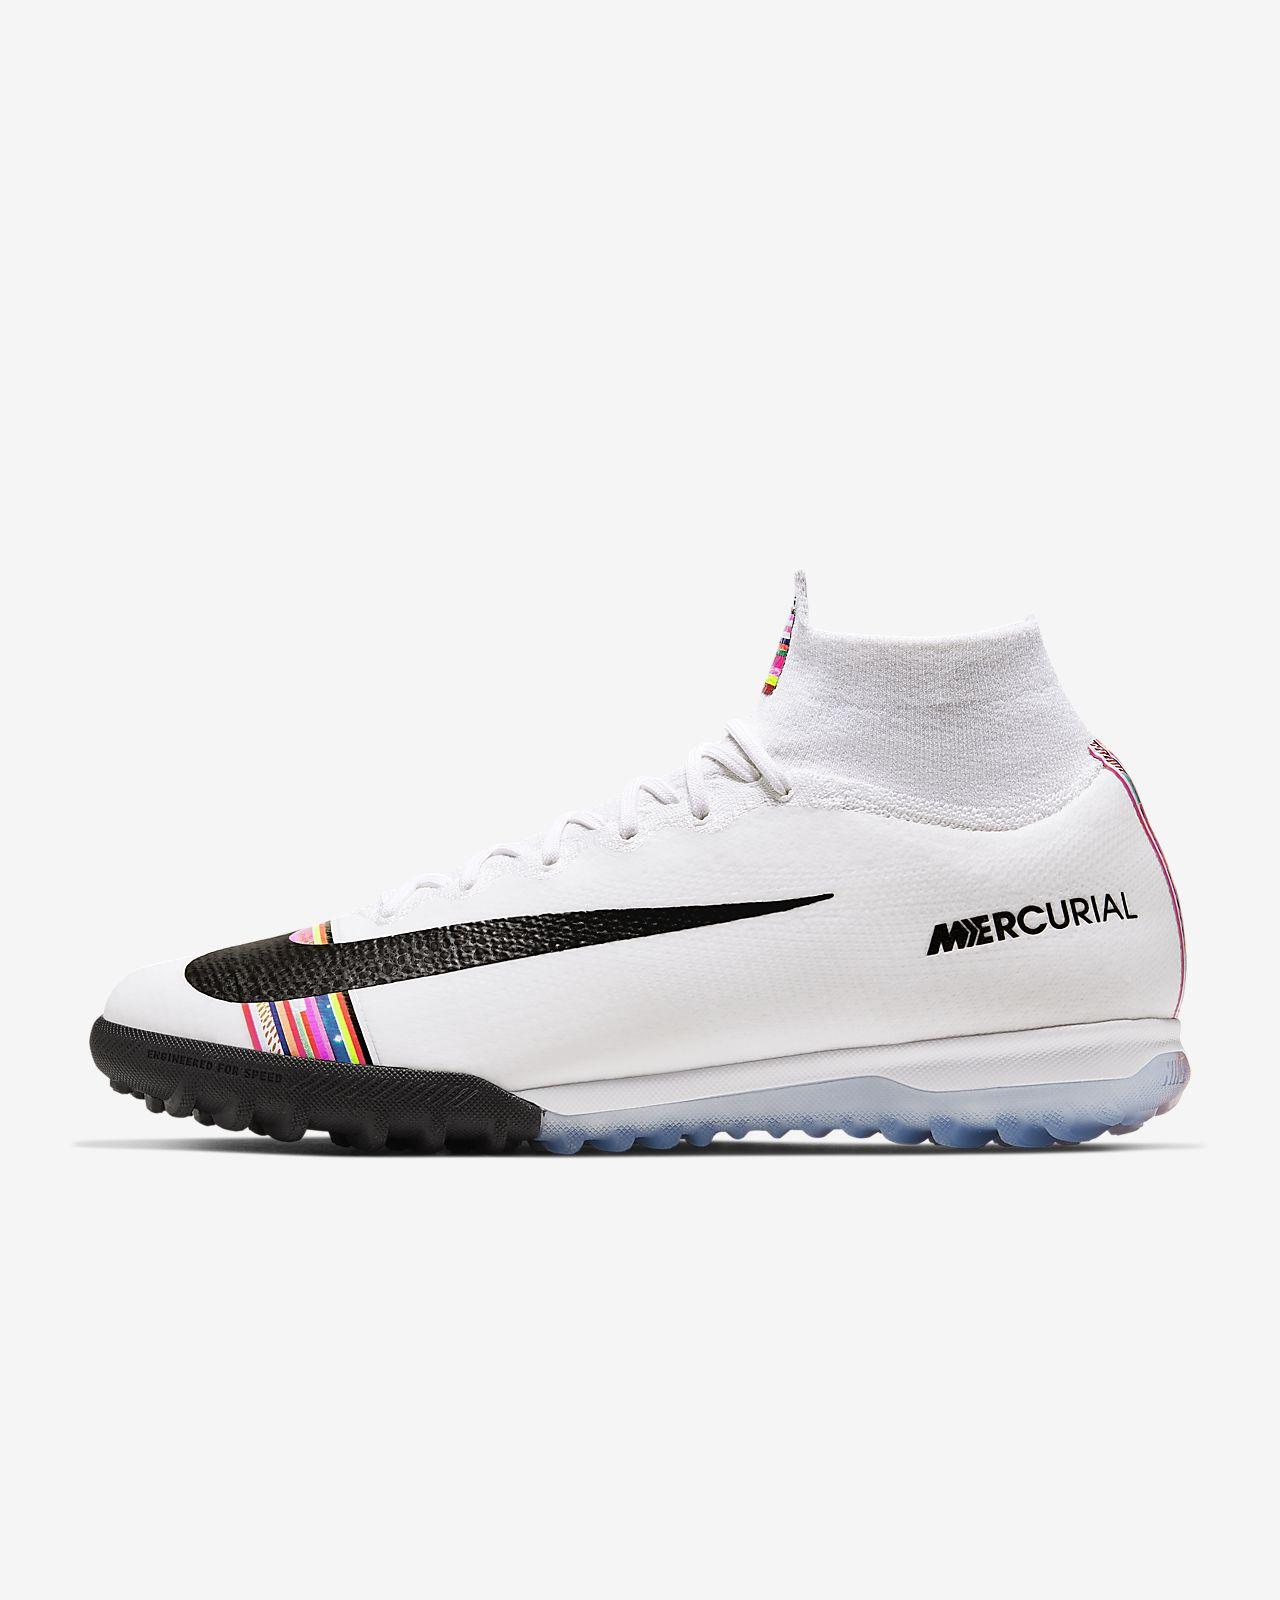 Kopačka Nike SuperflyX 6 Elite LVL UP TF na umělou trávu